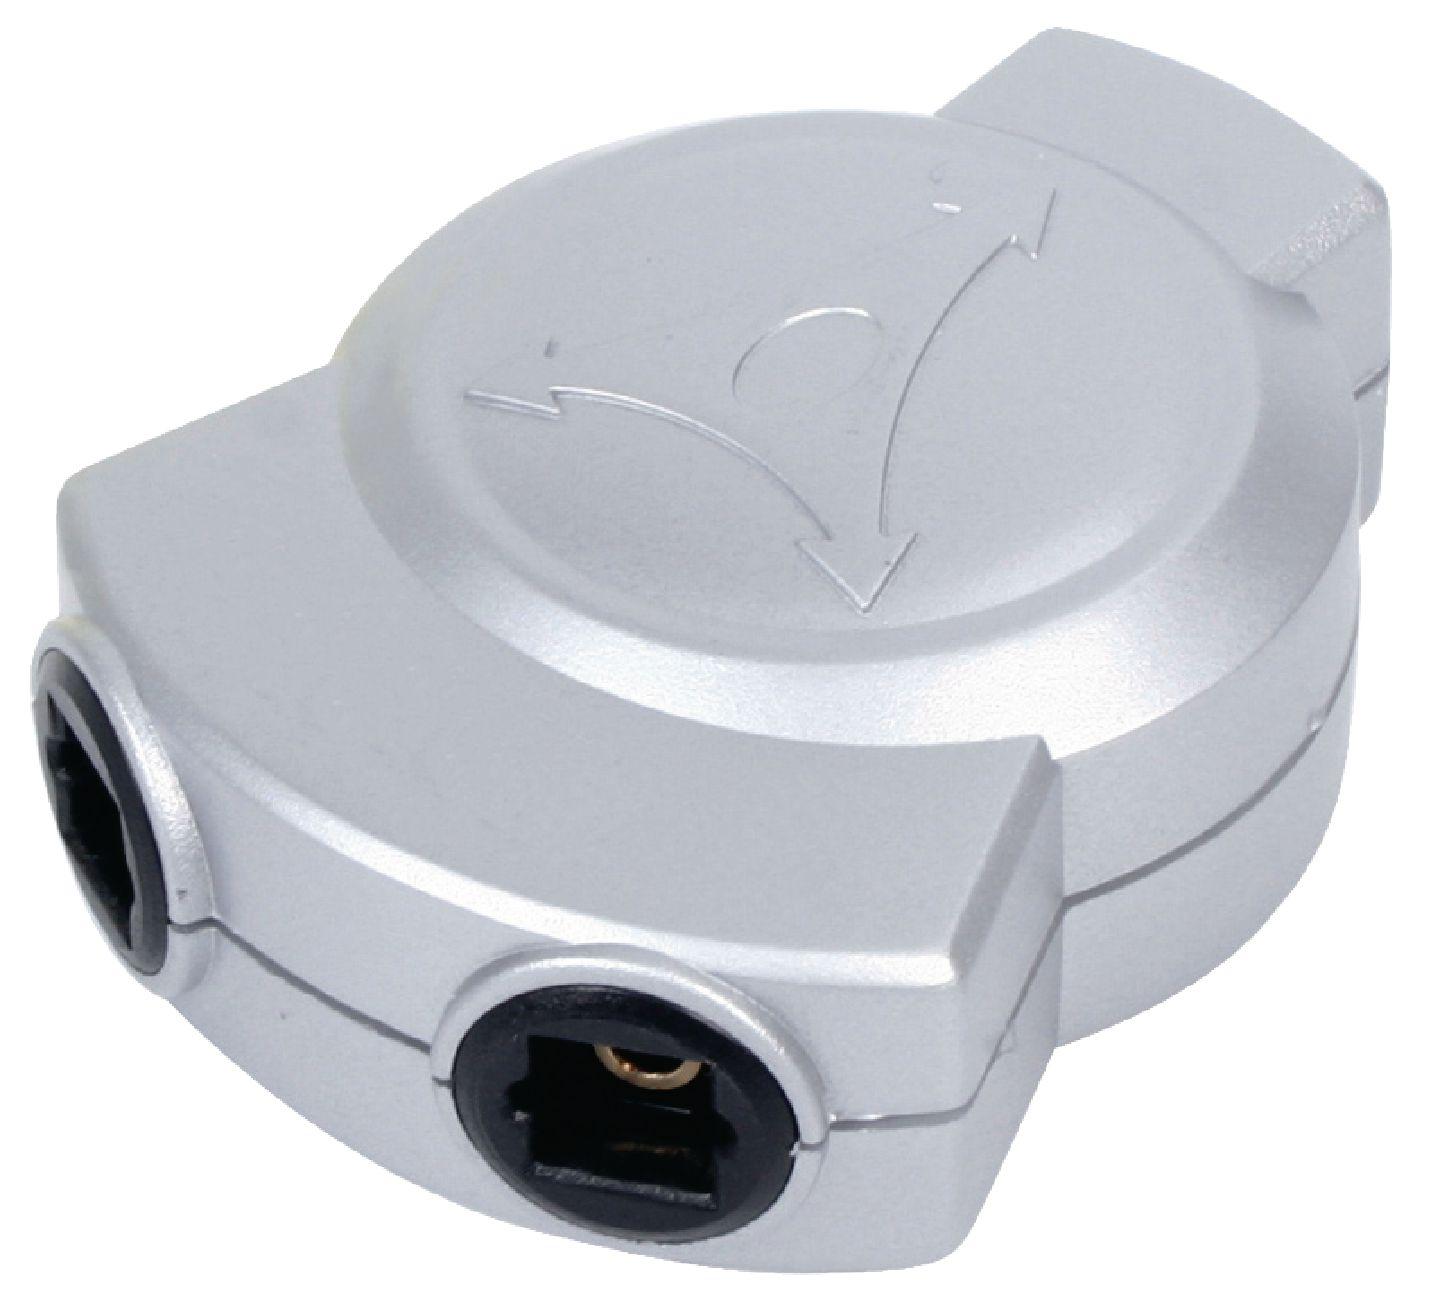 HQ digitální audio rozbočovač TosLink vstup na 2x TosLink výstupy HQSSOPTSPL1